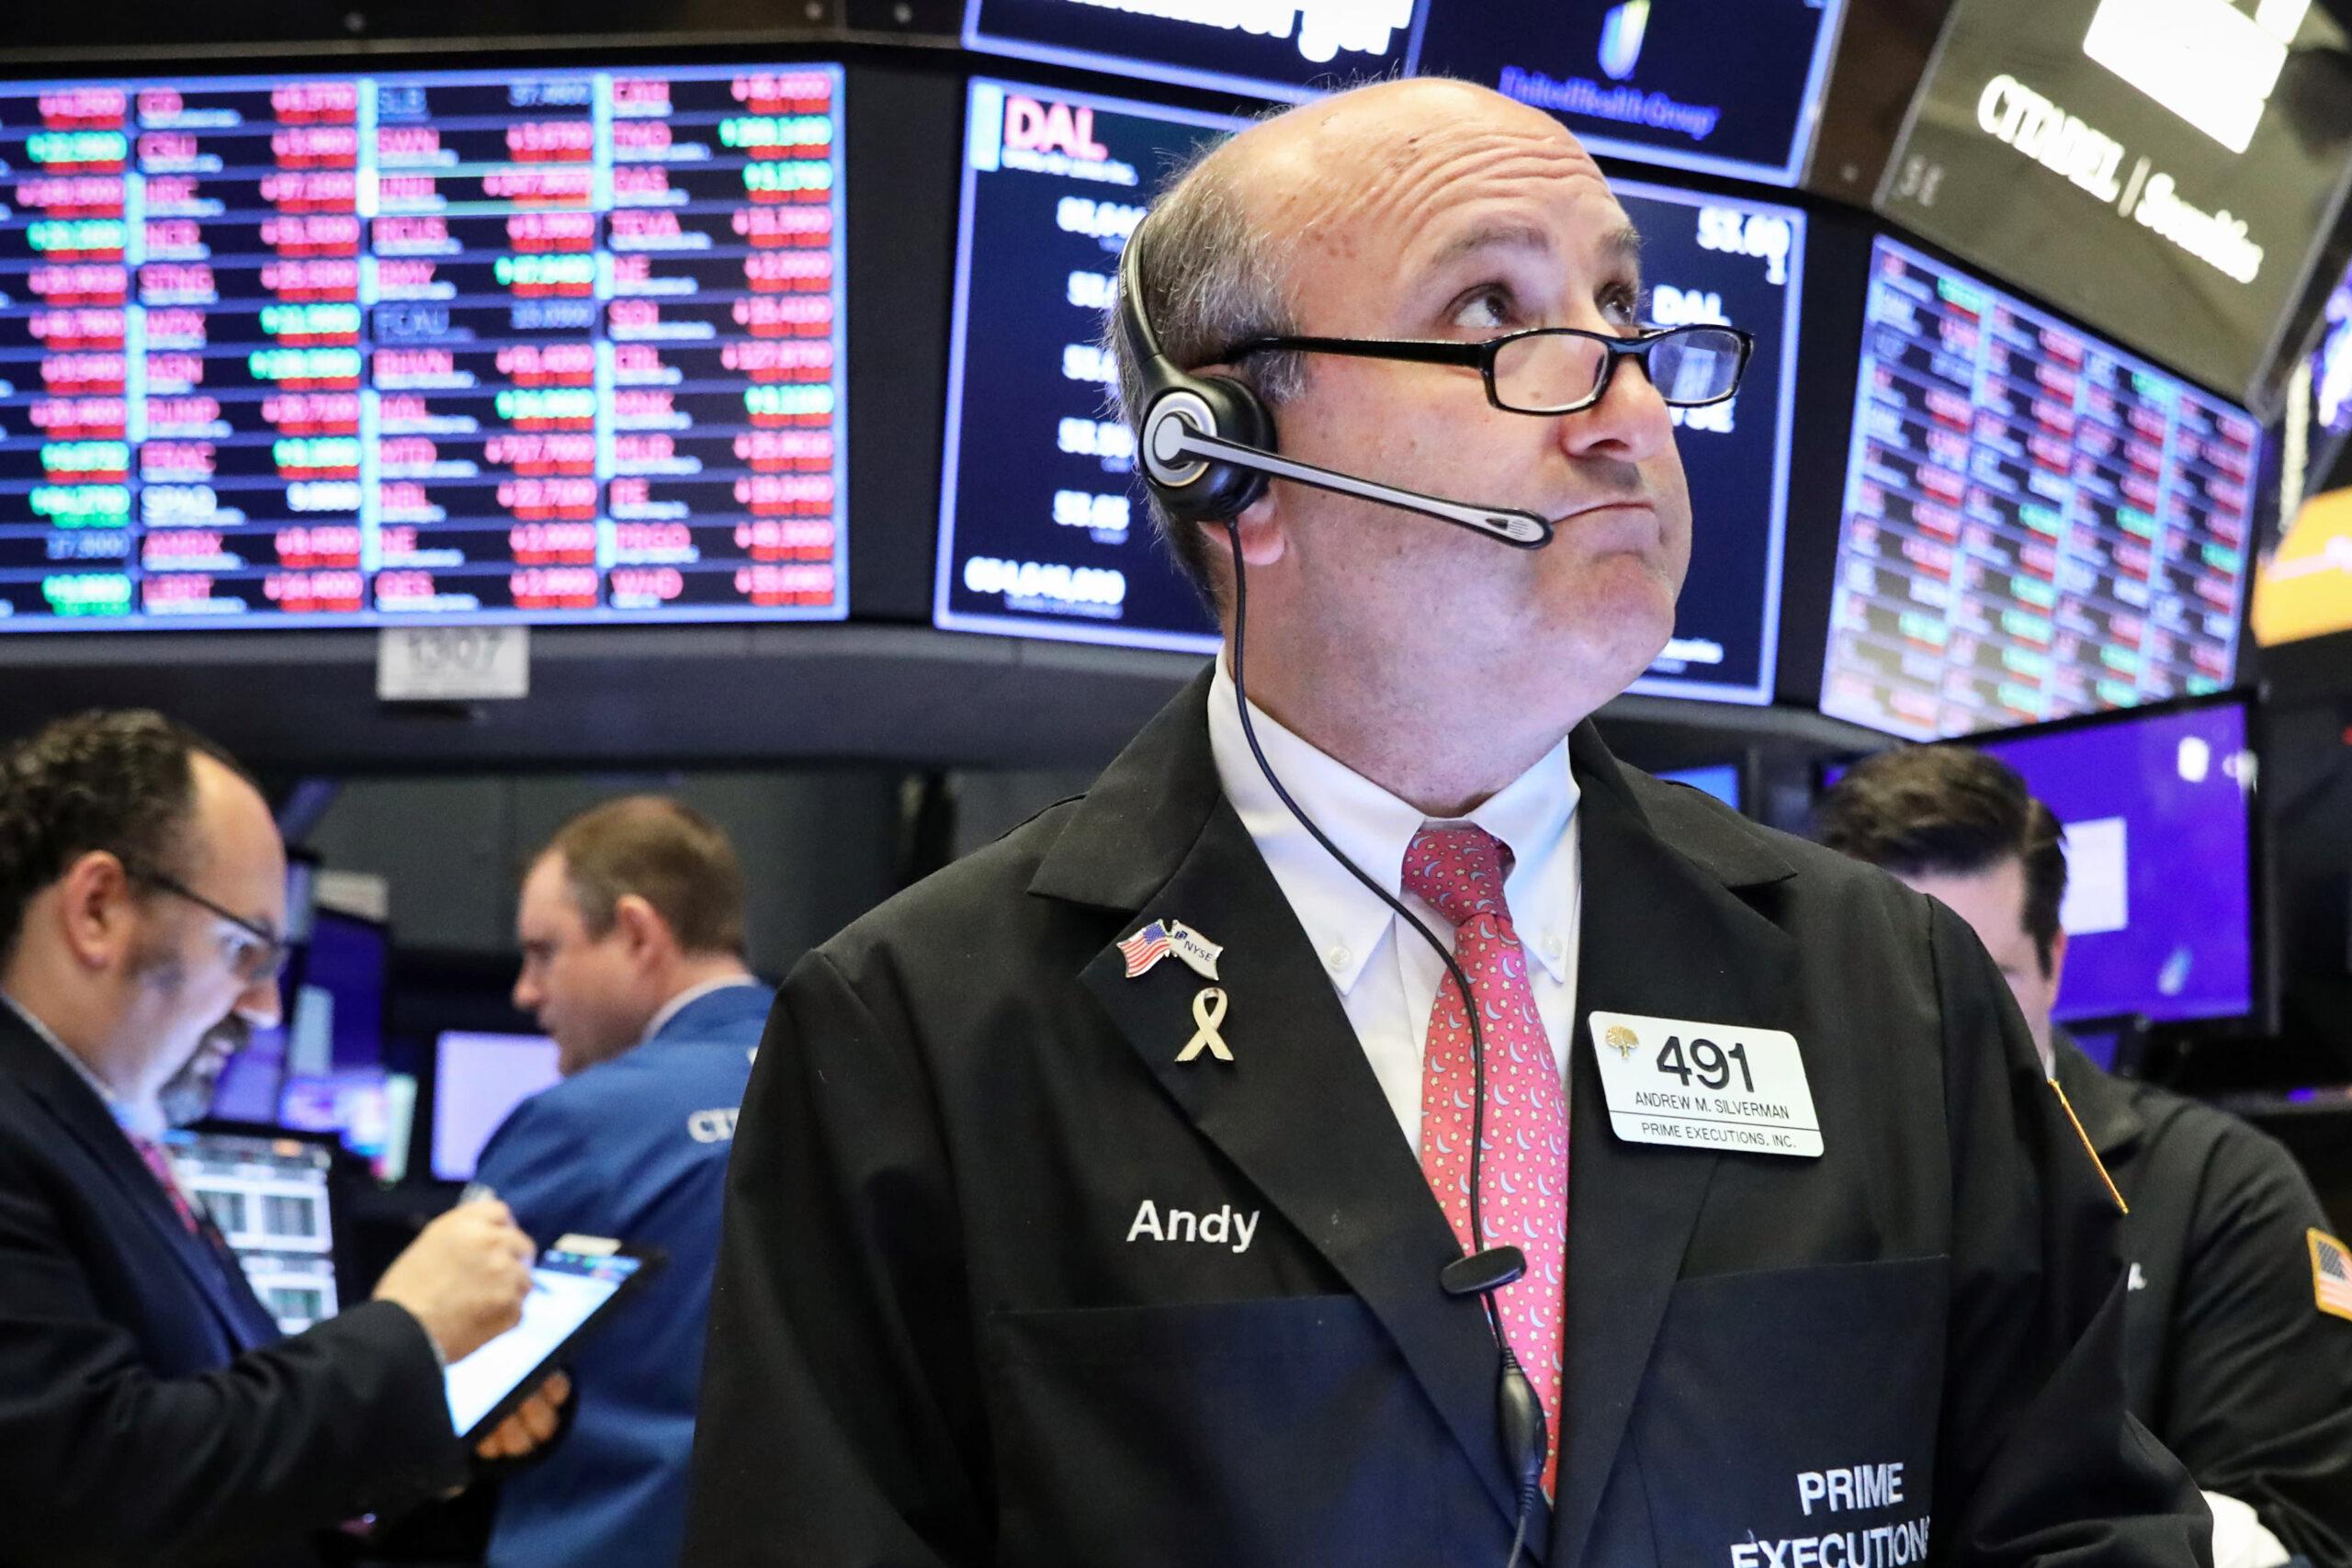 Dow Jones: Futures Drop After Apple Fuels Record Breaking Stock Market Rally ; Netflix, StoneCo In Buy Zones